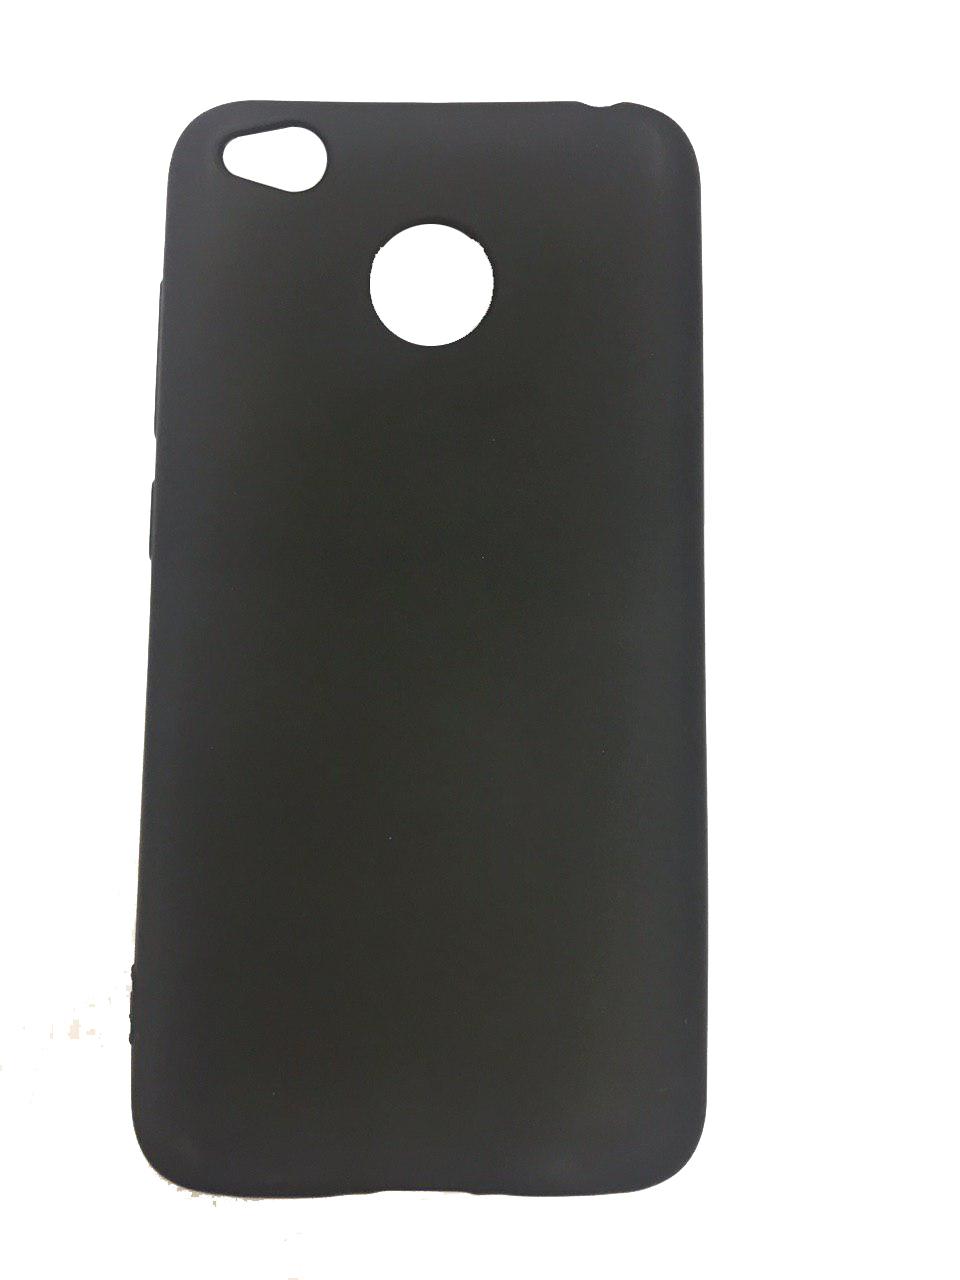 Чехол для сотового телефона Simply Чехол для Xiaomi Redmi 4x (Черный), черный цена 2017